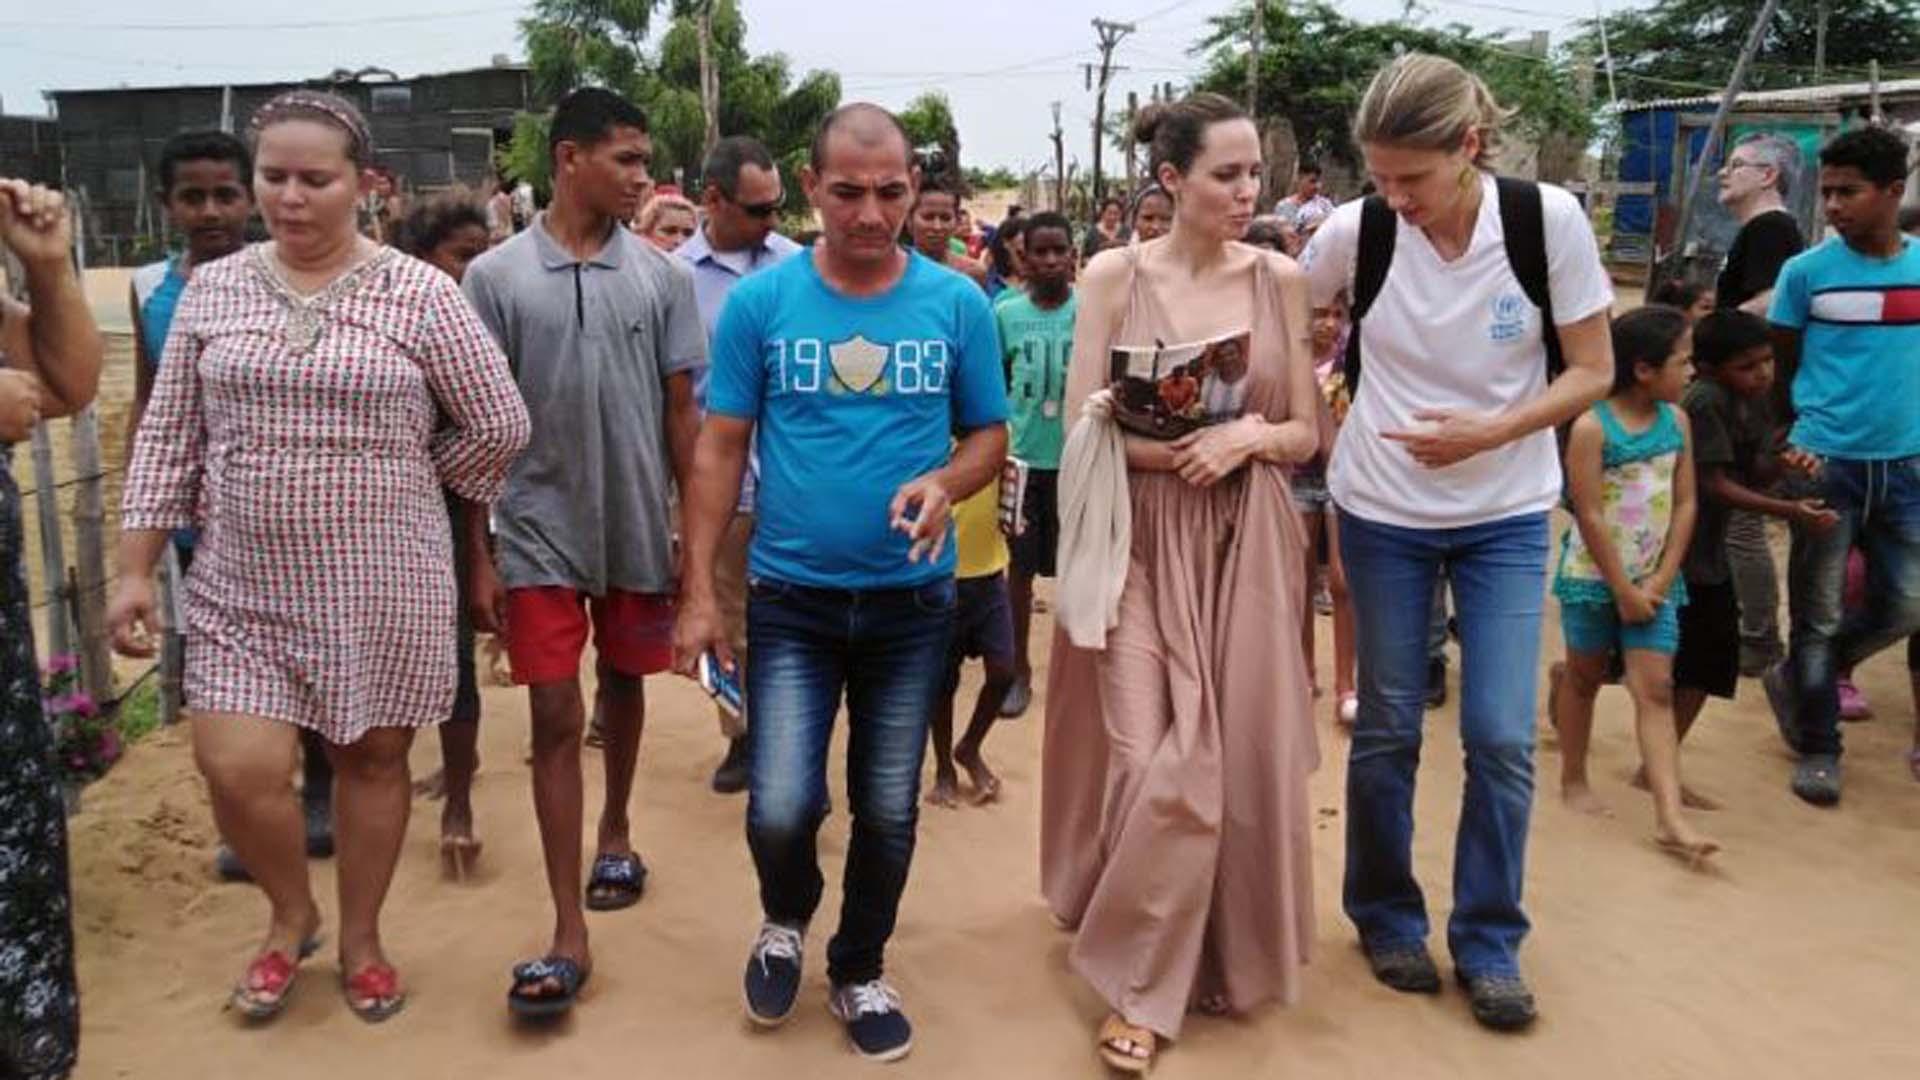 Angelina Jolie visits migrants in La Guajira